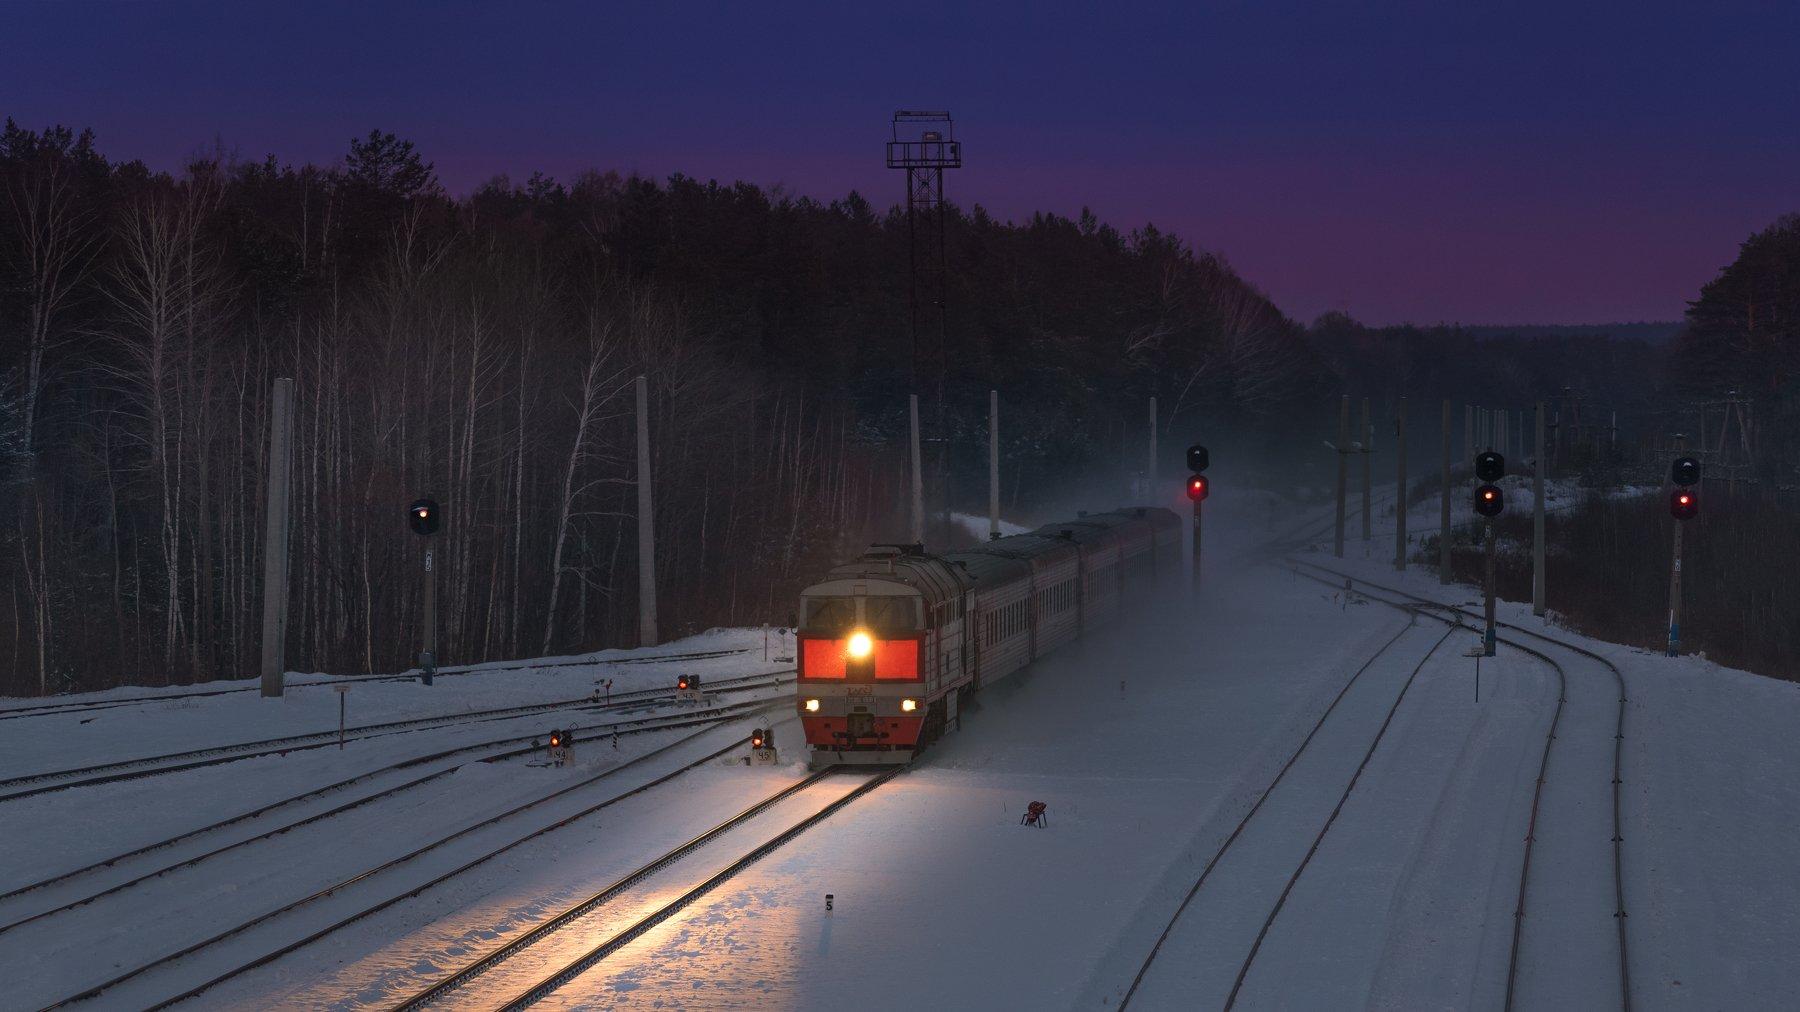 жд, железная дорога, поезд, россия,  пейзаж, skrylov, skrylov_official, зима, 2тэ116, стриганово, закат, снег, пассажирский поезд, свердловская область, Сергей Крылов